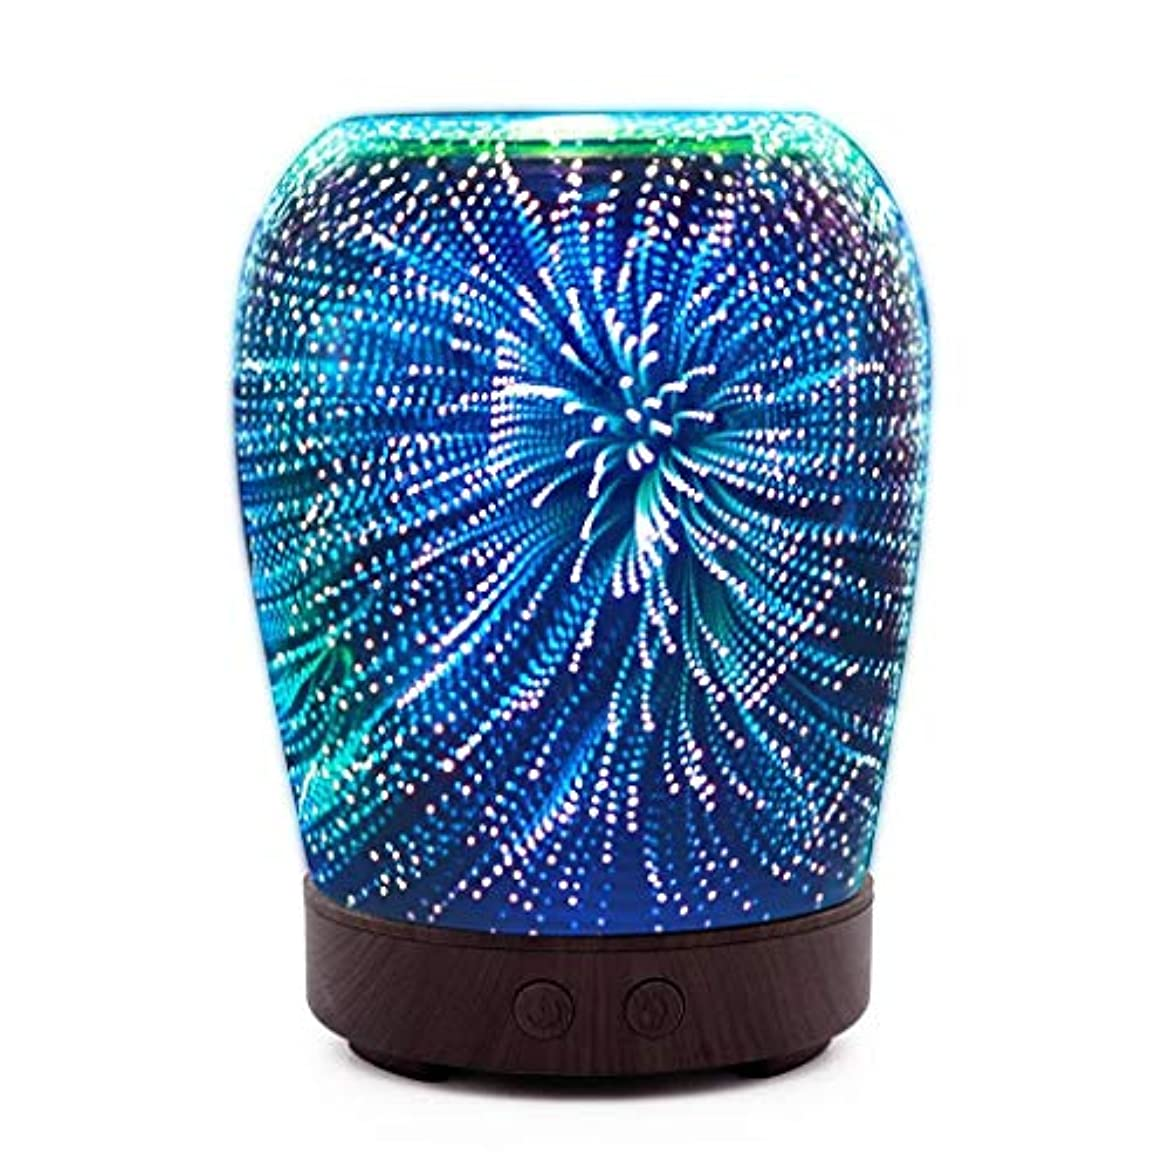 特権的耐久ホールド芳香 拡張器 清涼 薄霧 加湿器 アロマディフューザー 車内や家庭で使用 (Color : Fireworks)